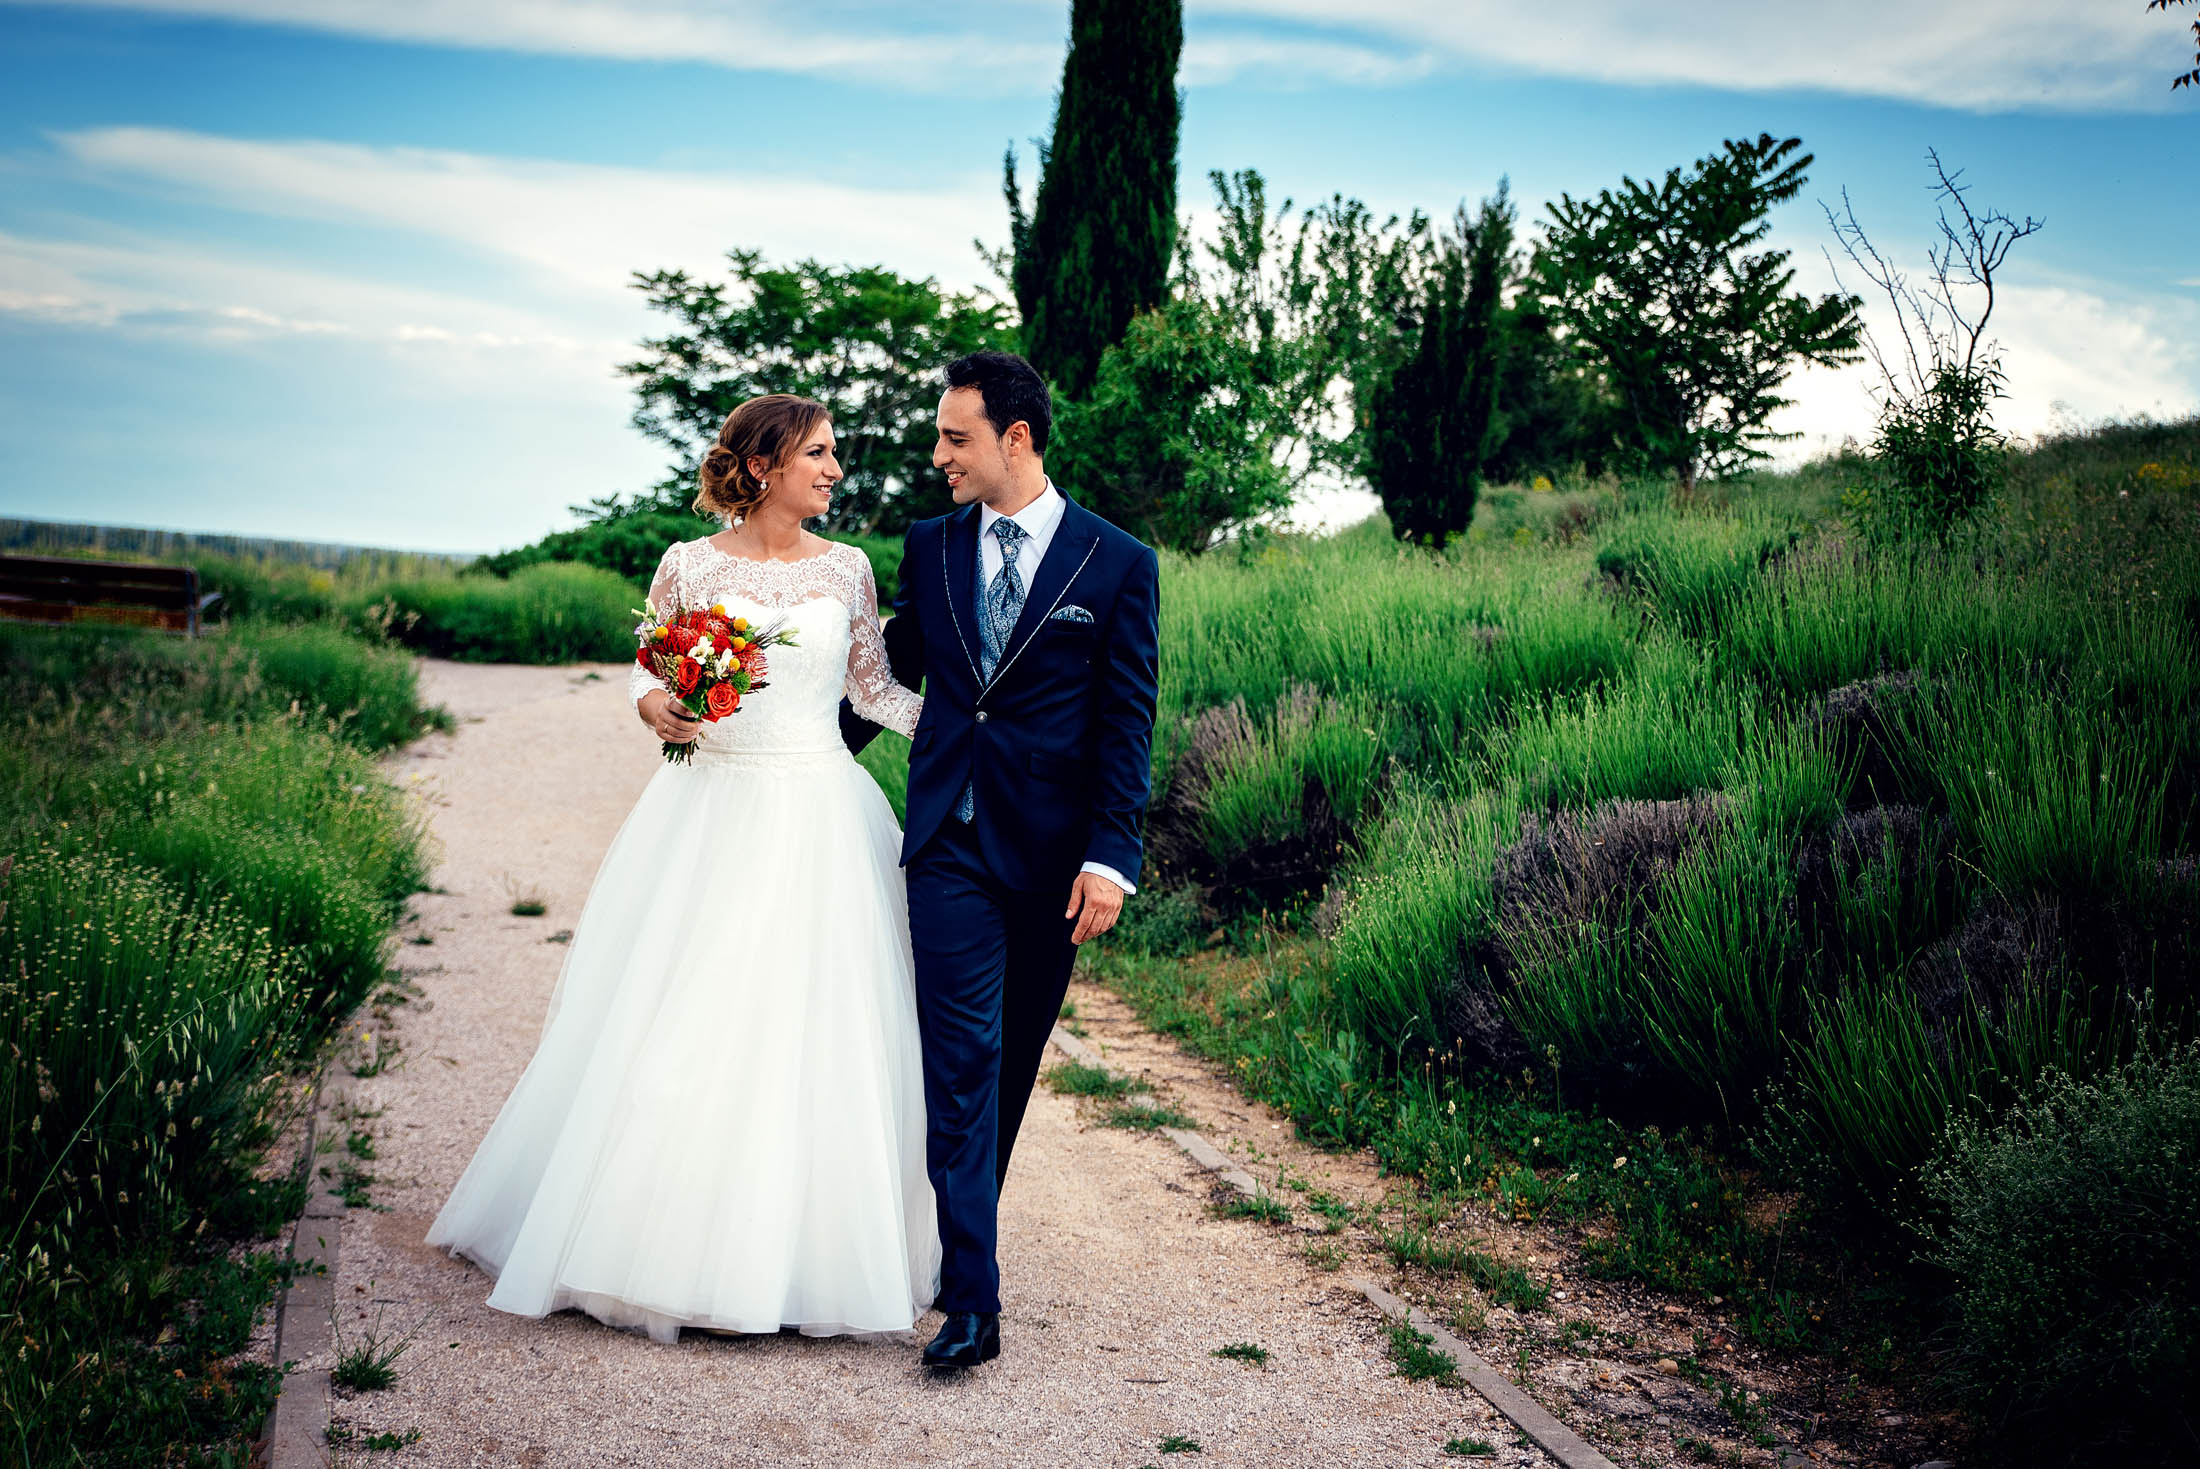 Fotografo de boda en Valladolid